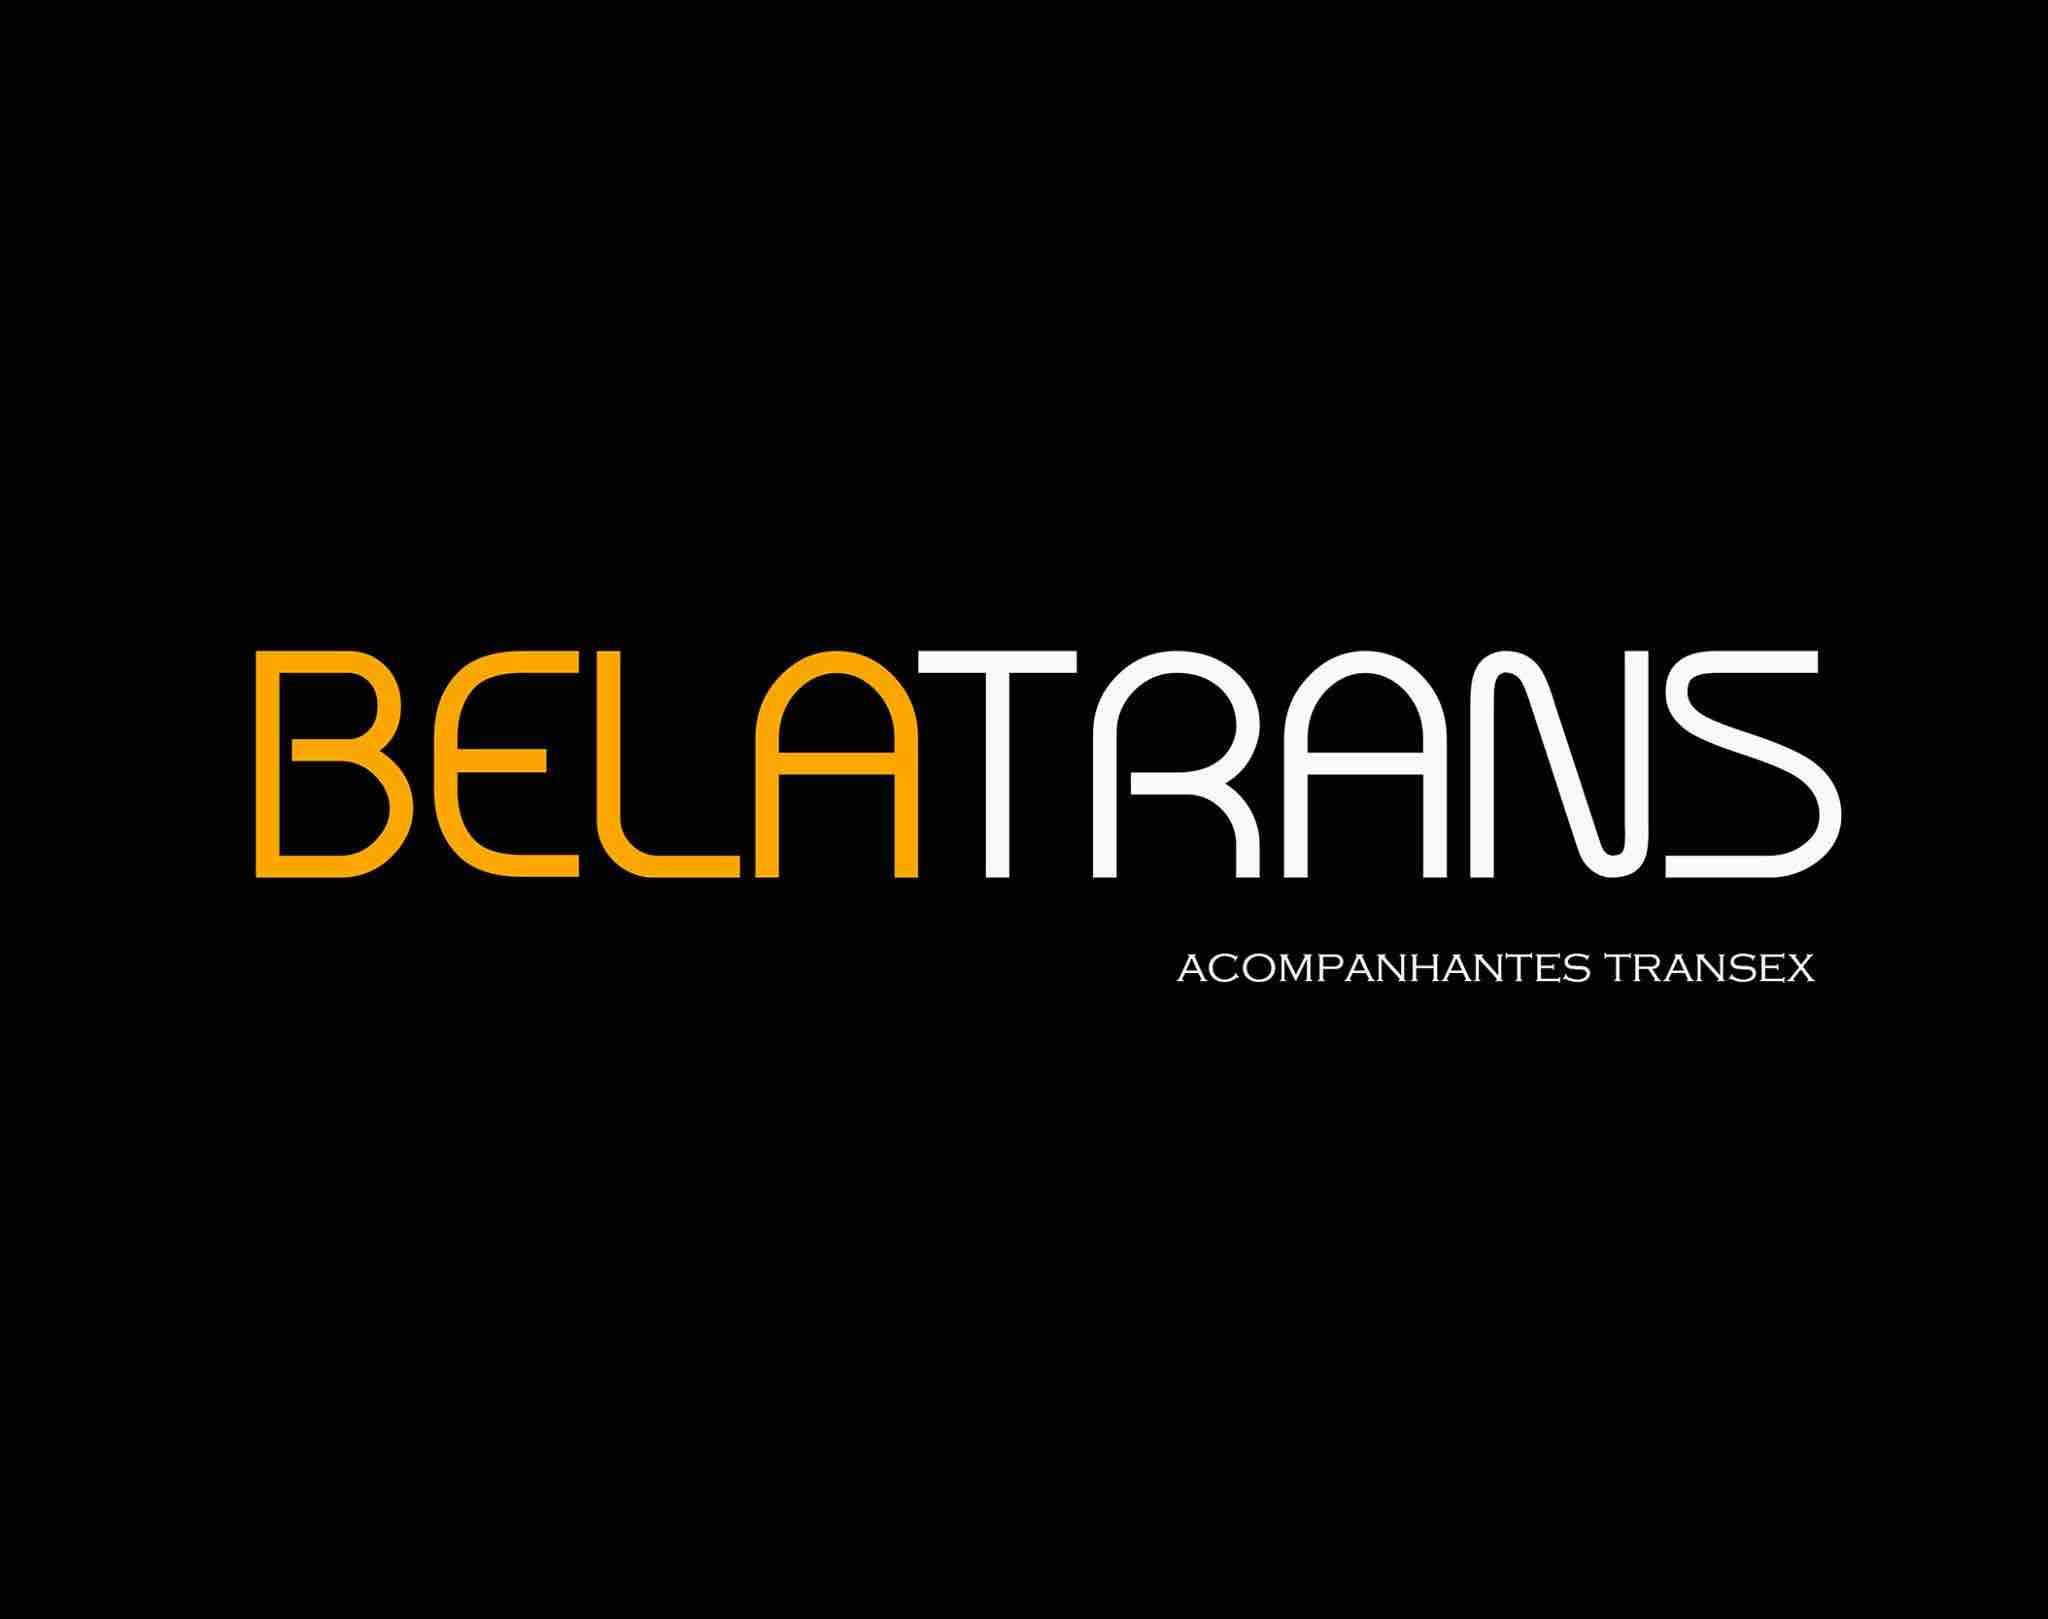 Belatrans - Acompanhantes Transex SP